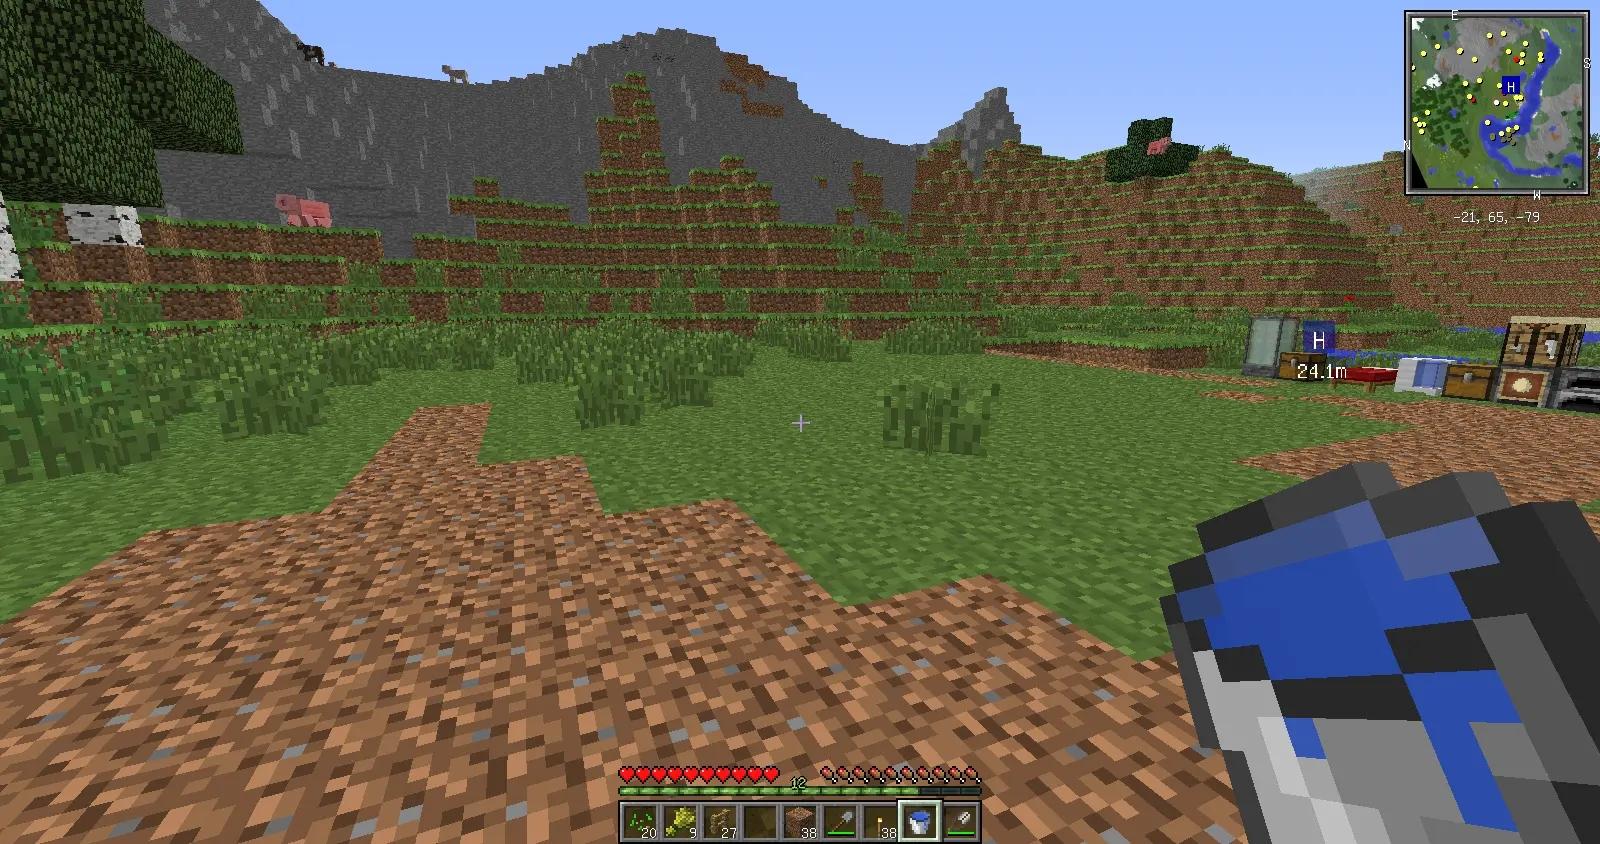 我的世界沼泽小屋作用介绍